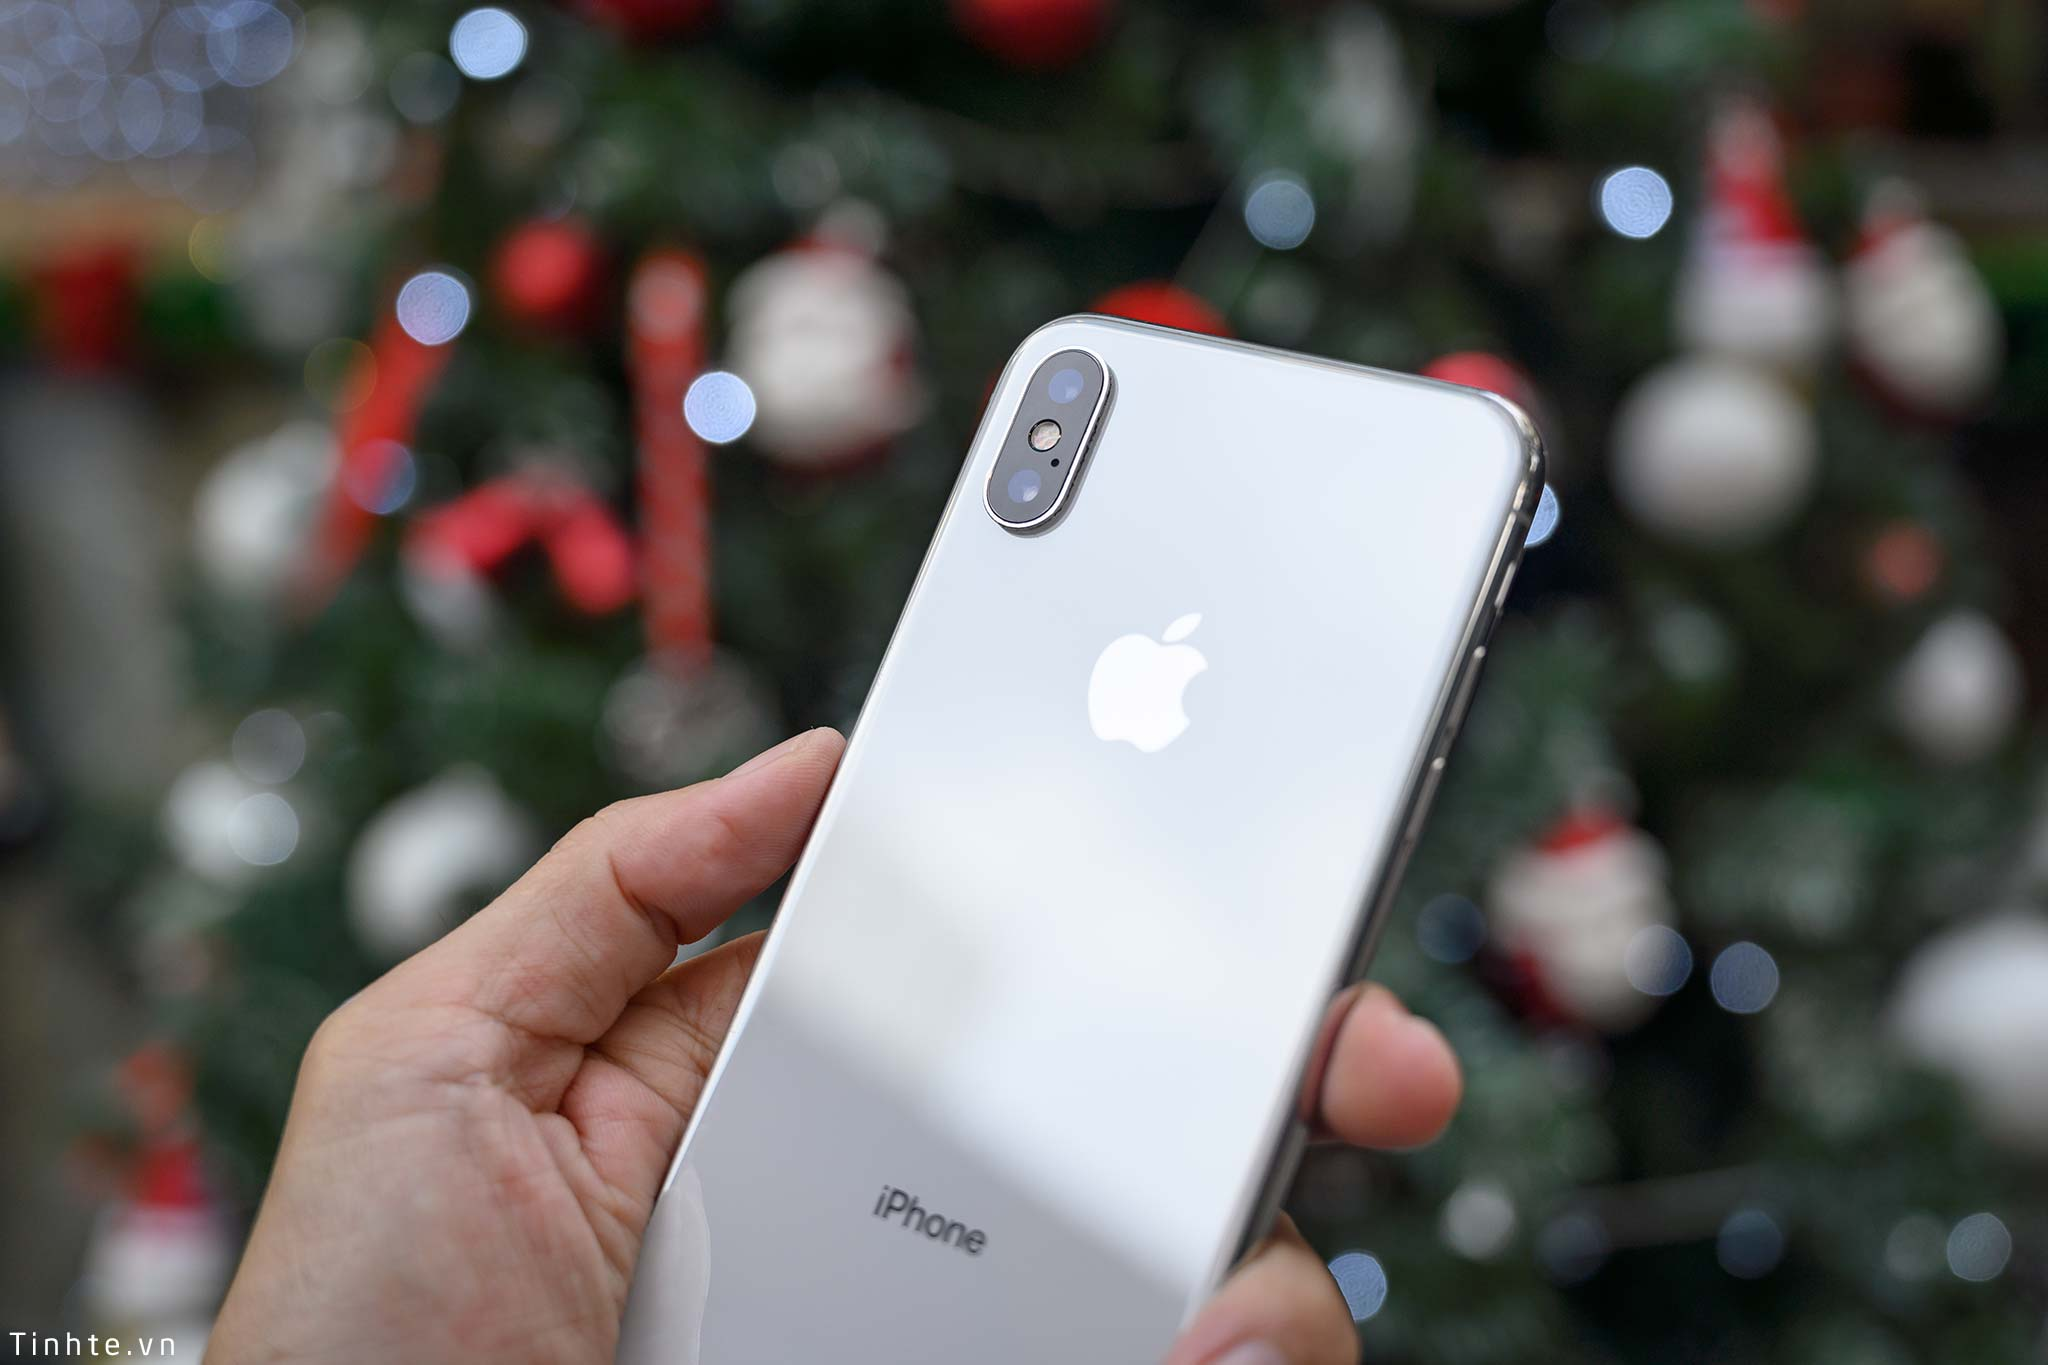 iPhoneX-5.jpg